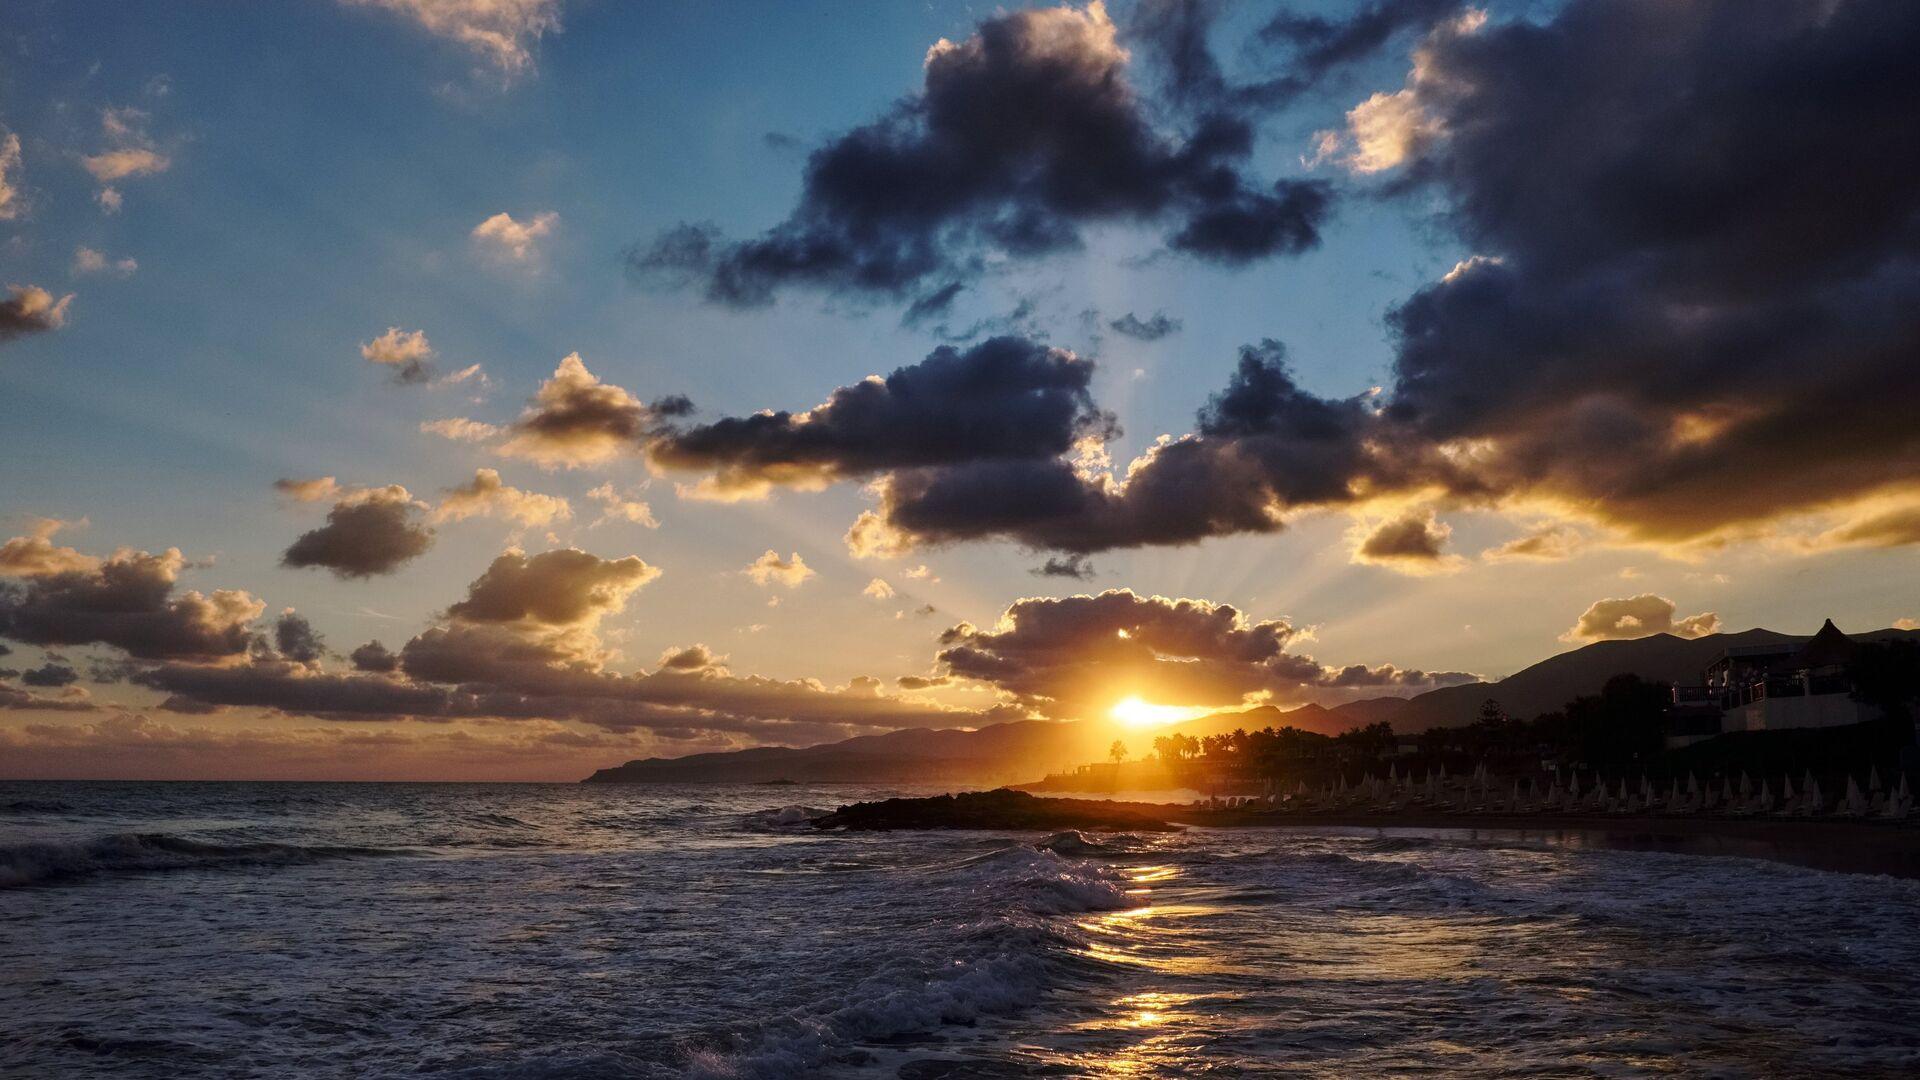 Восход над Средиземноморским побережьем - РИА Новости, 1920, 28.09.2021